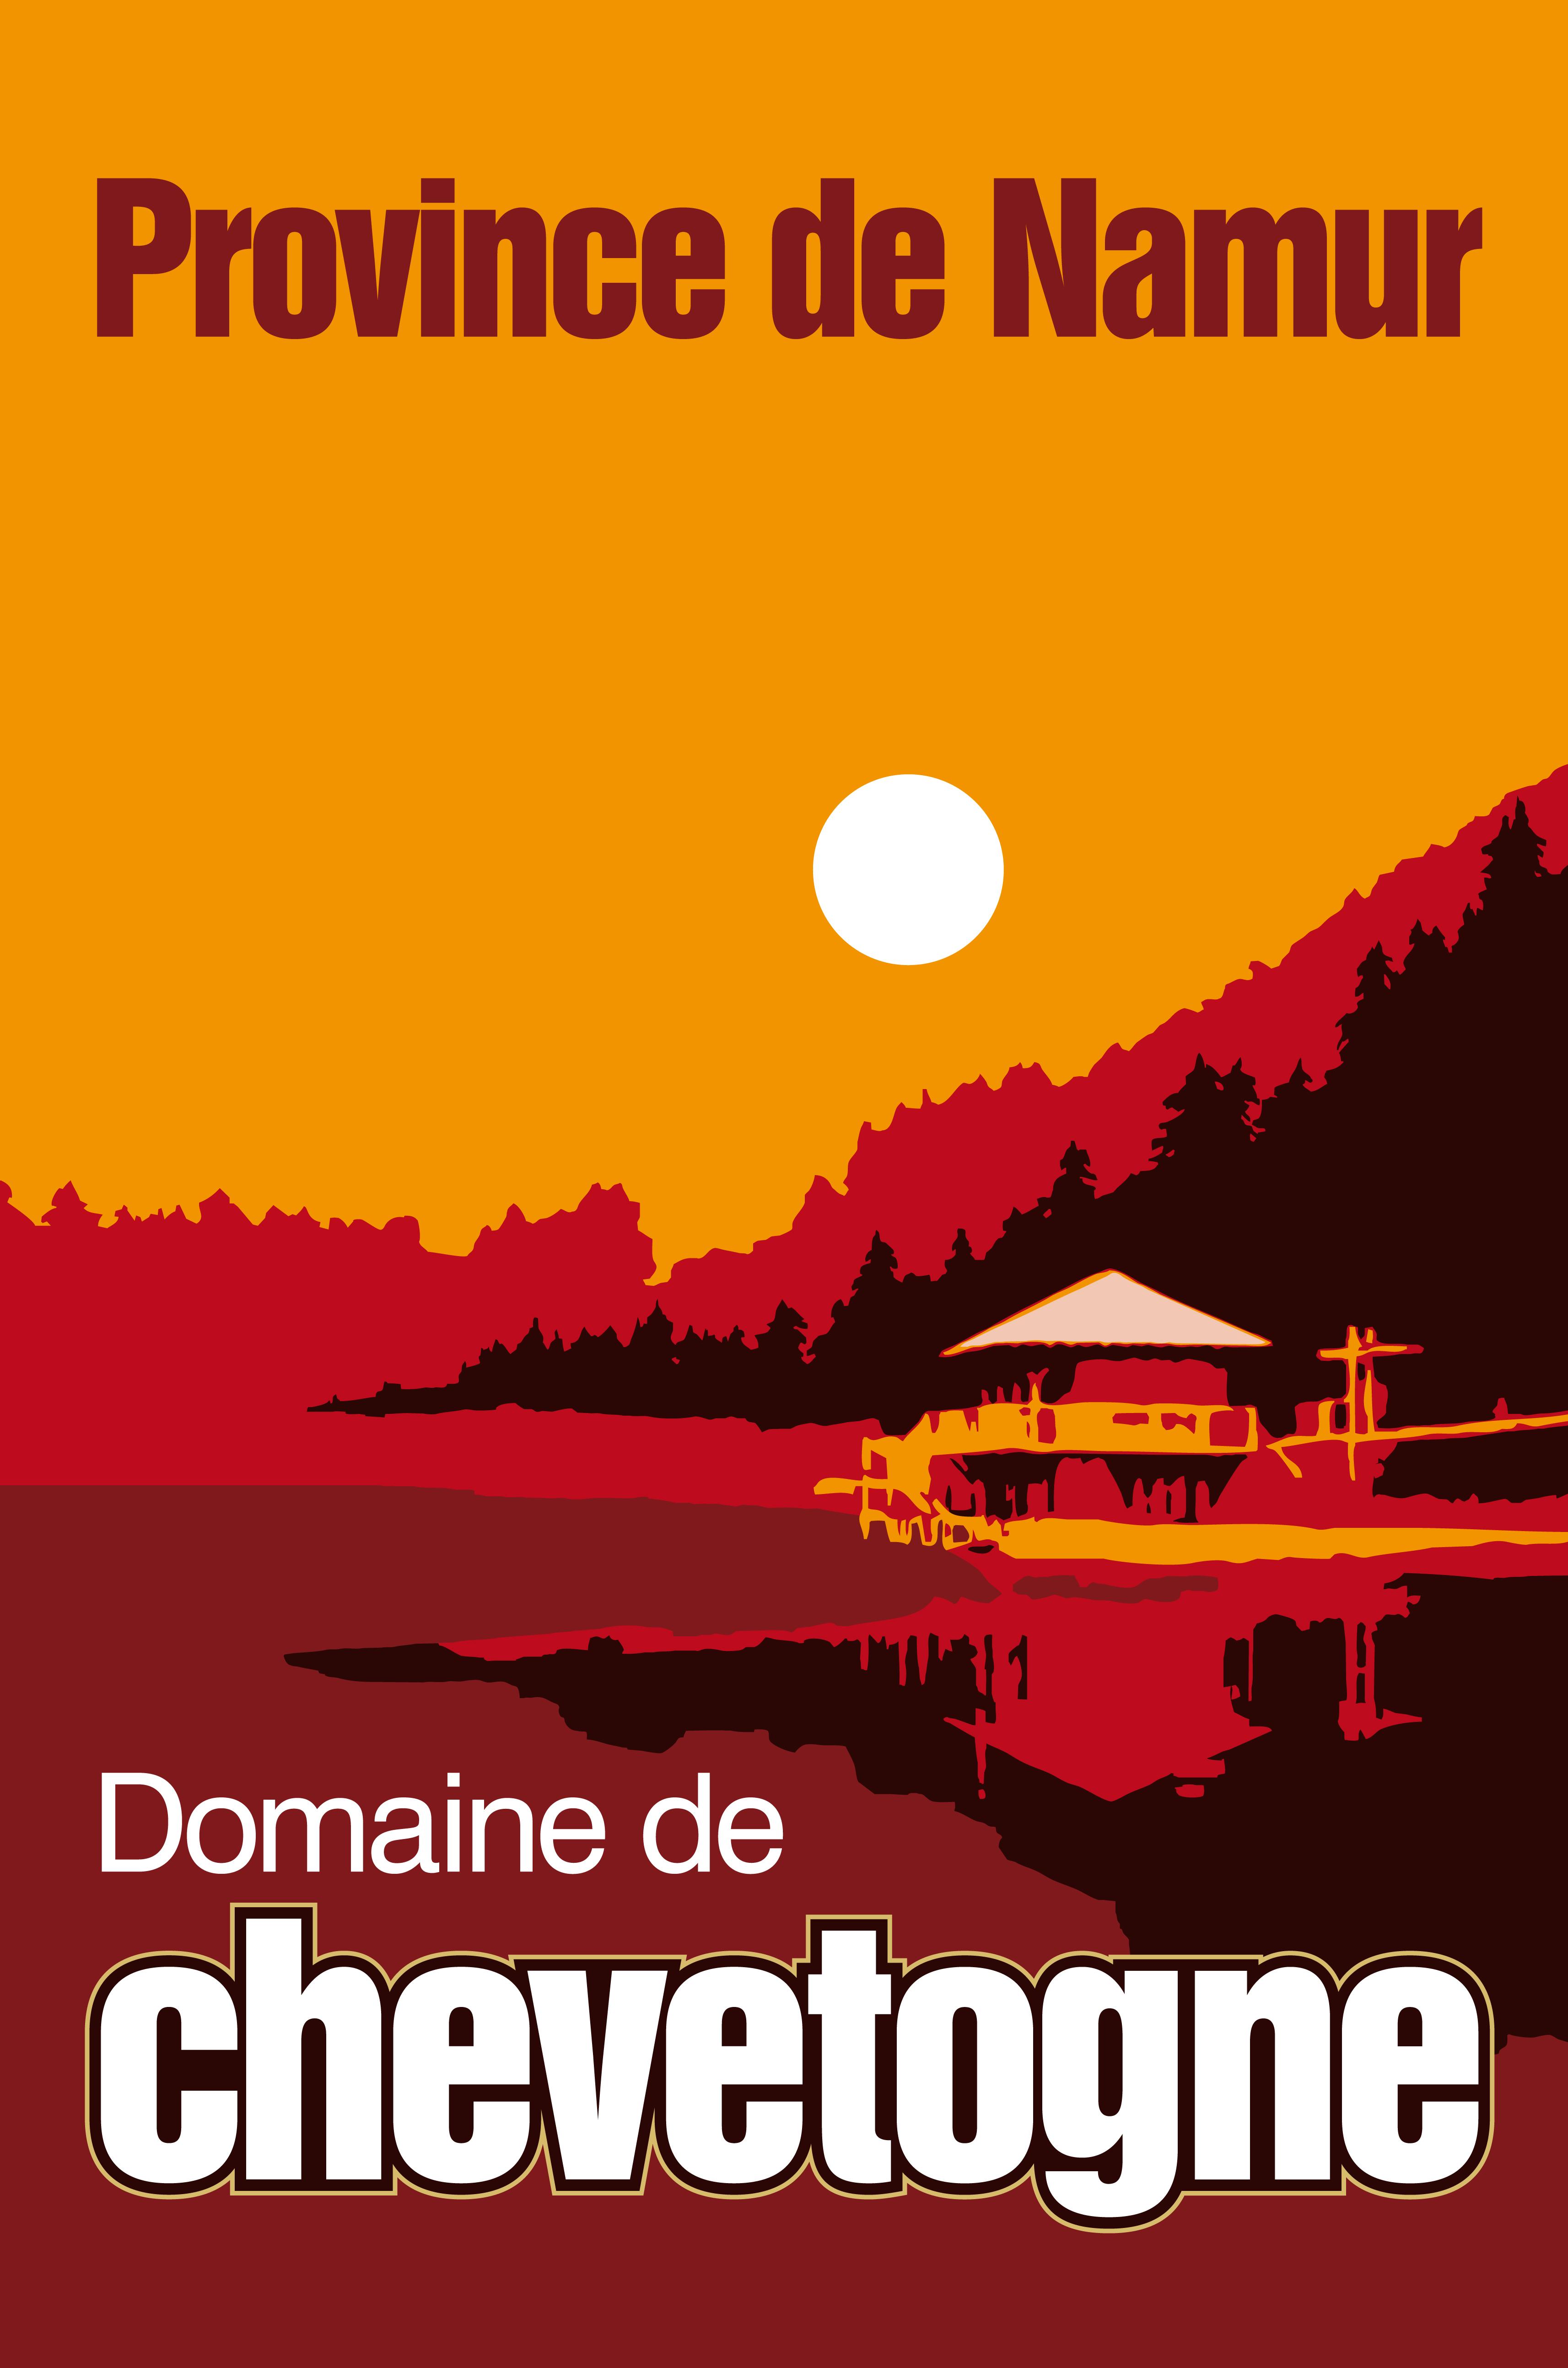 Domaine Provincial de Chevetogne